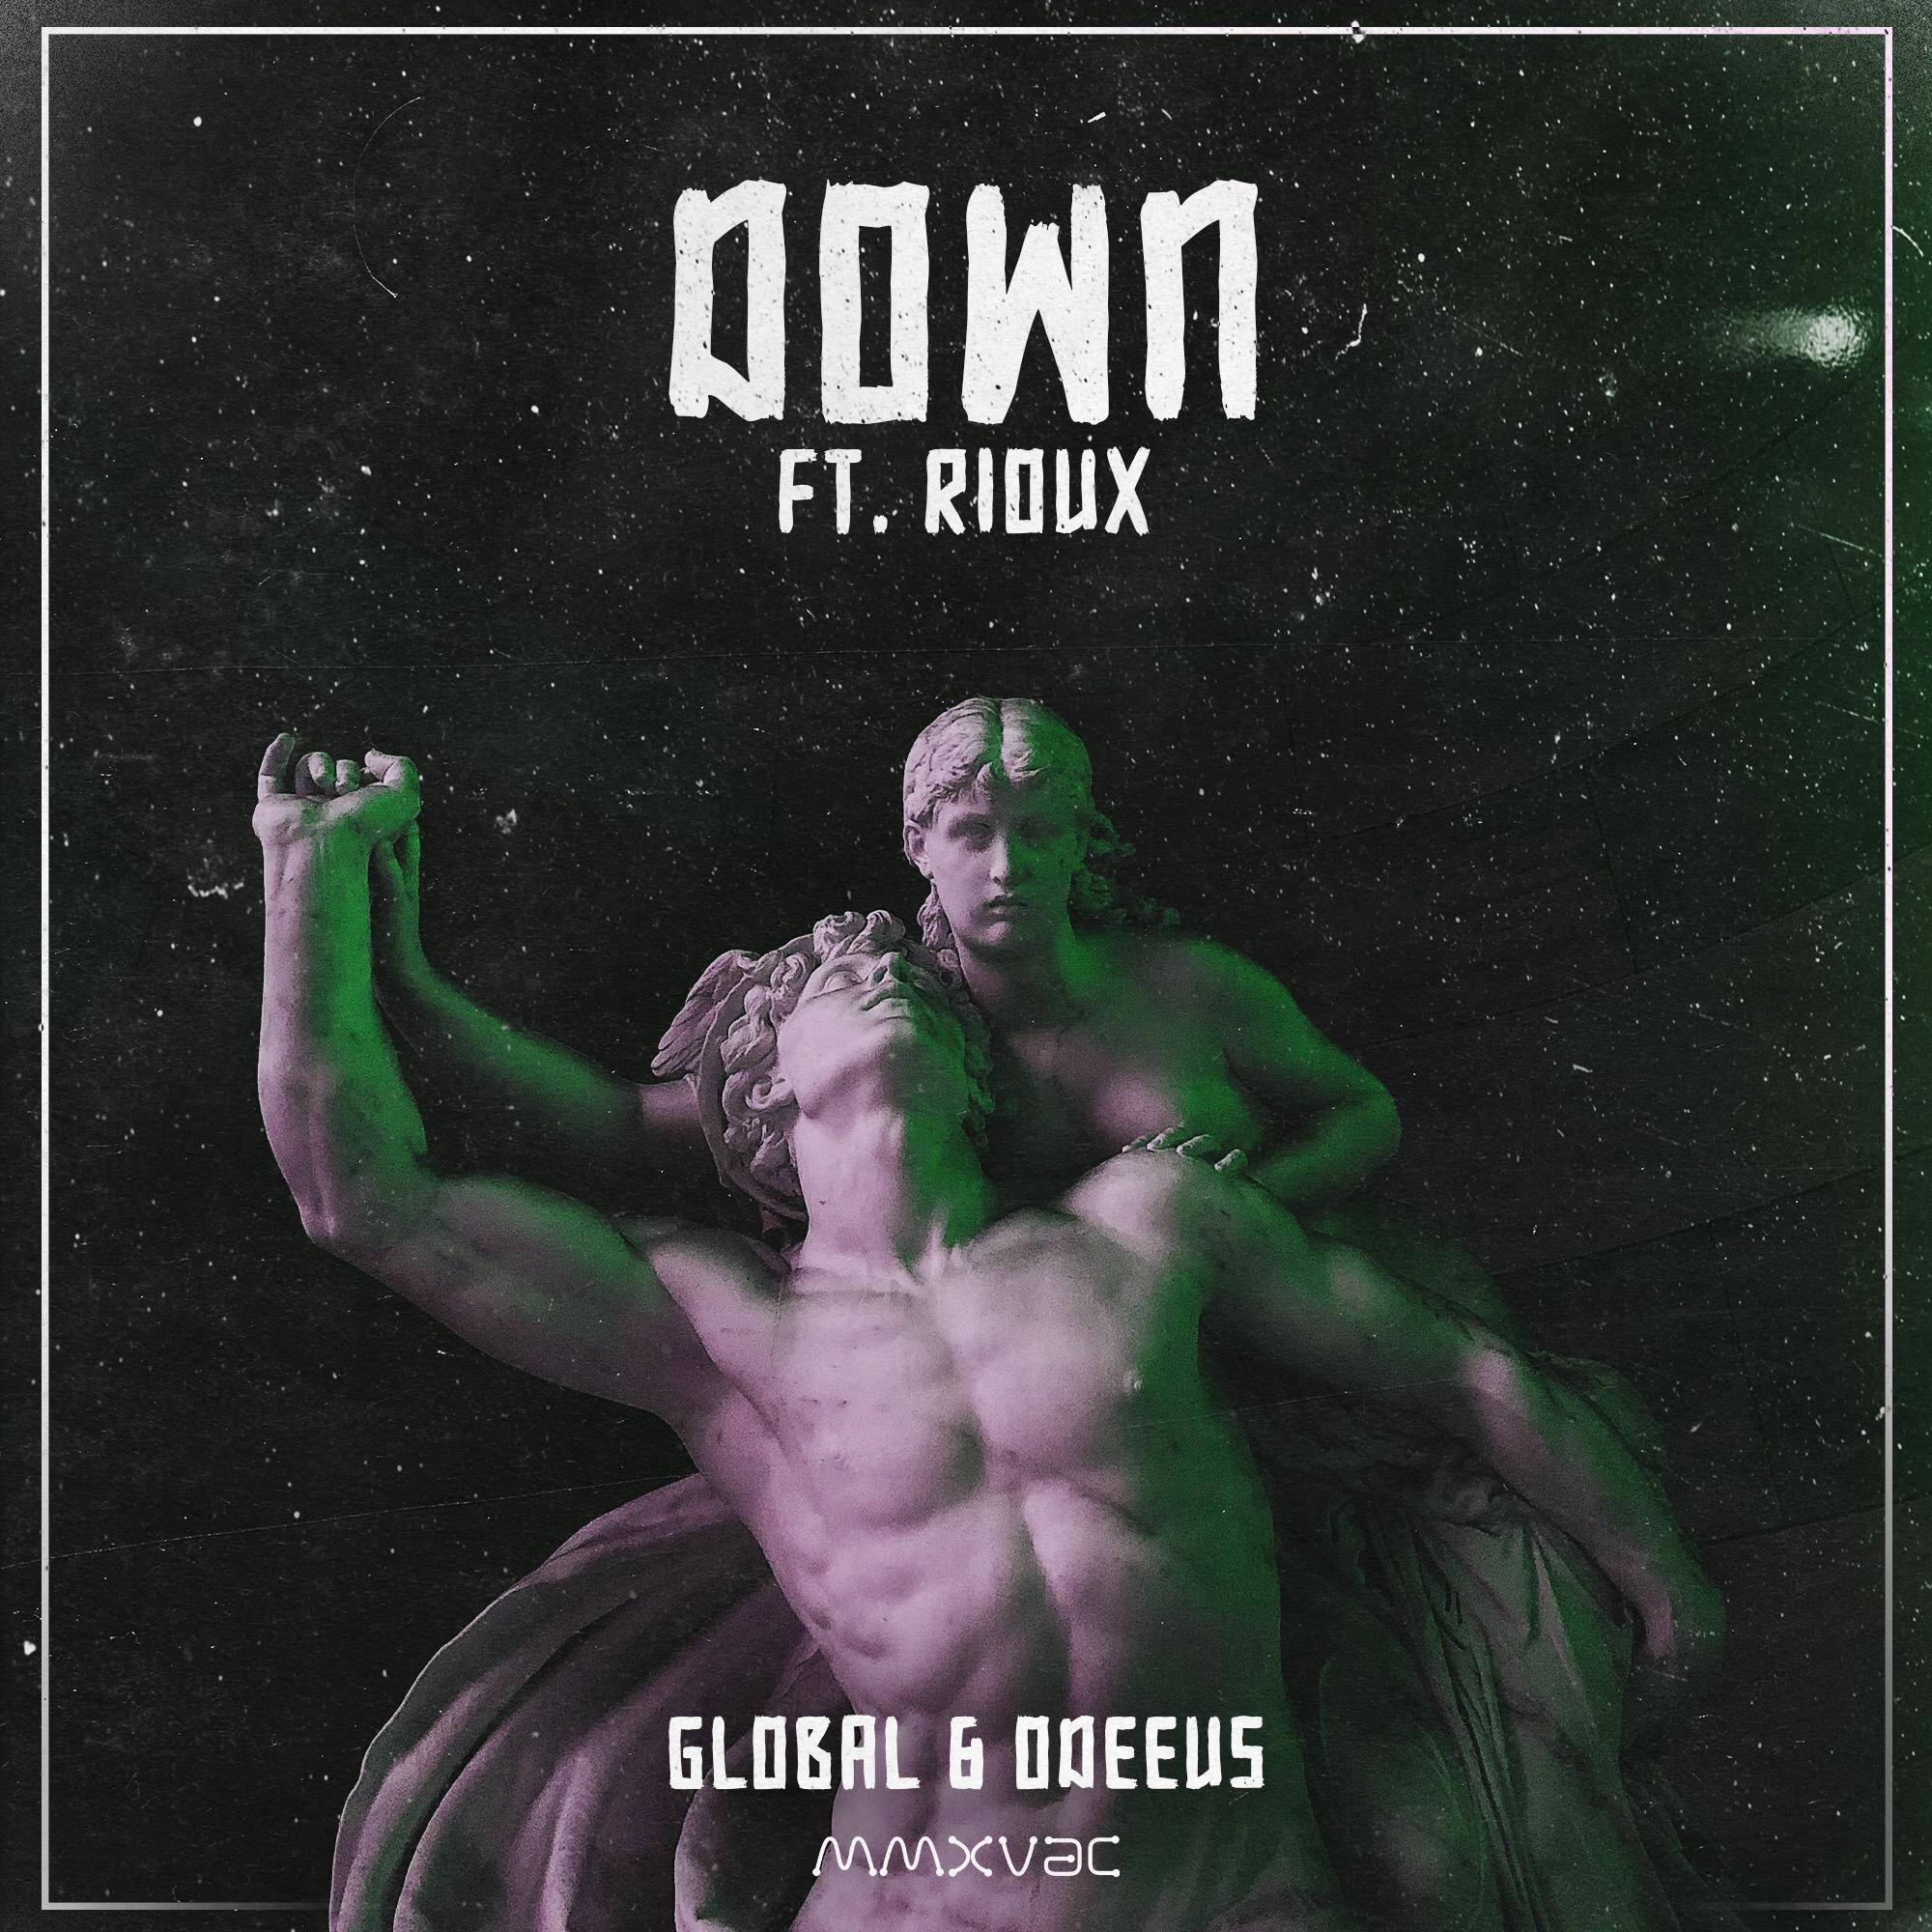 Gl0bal & Odeeus - Down Ft. Rioux